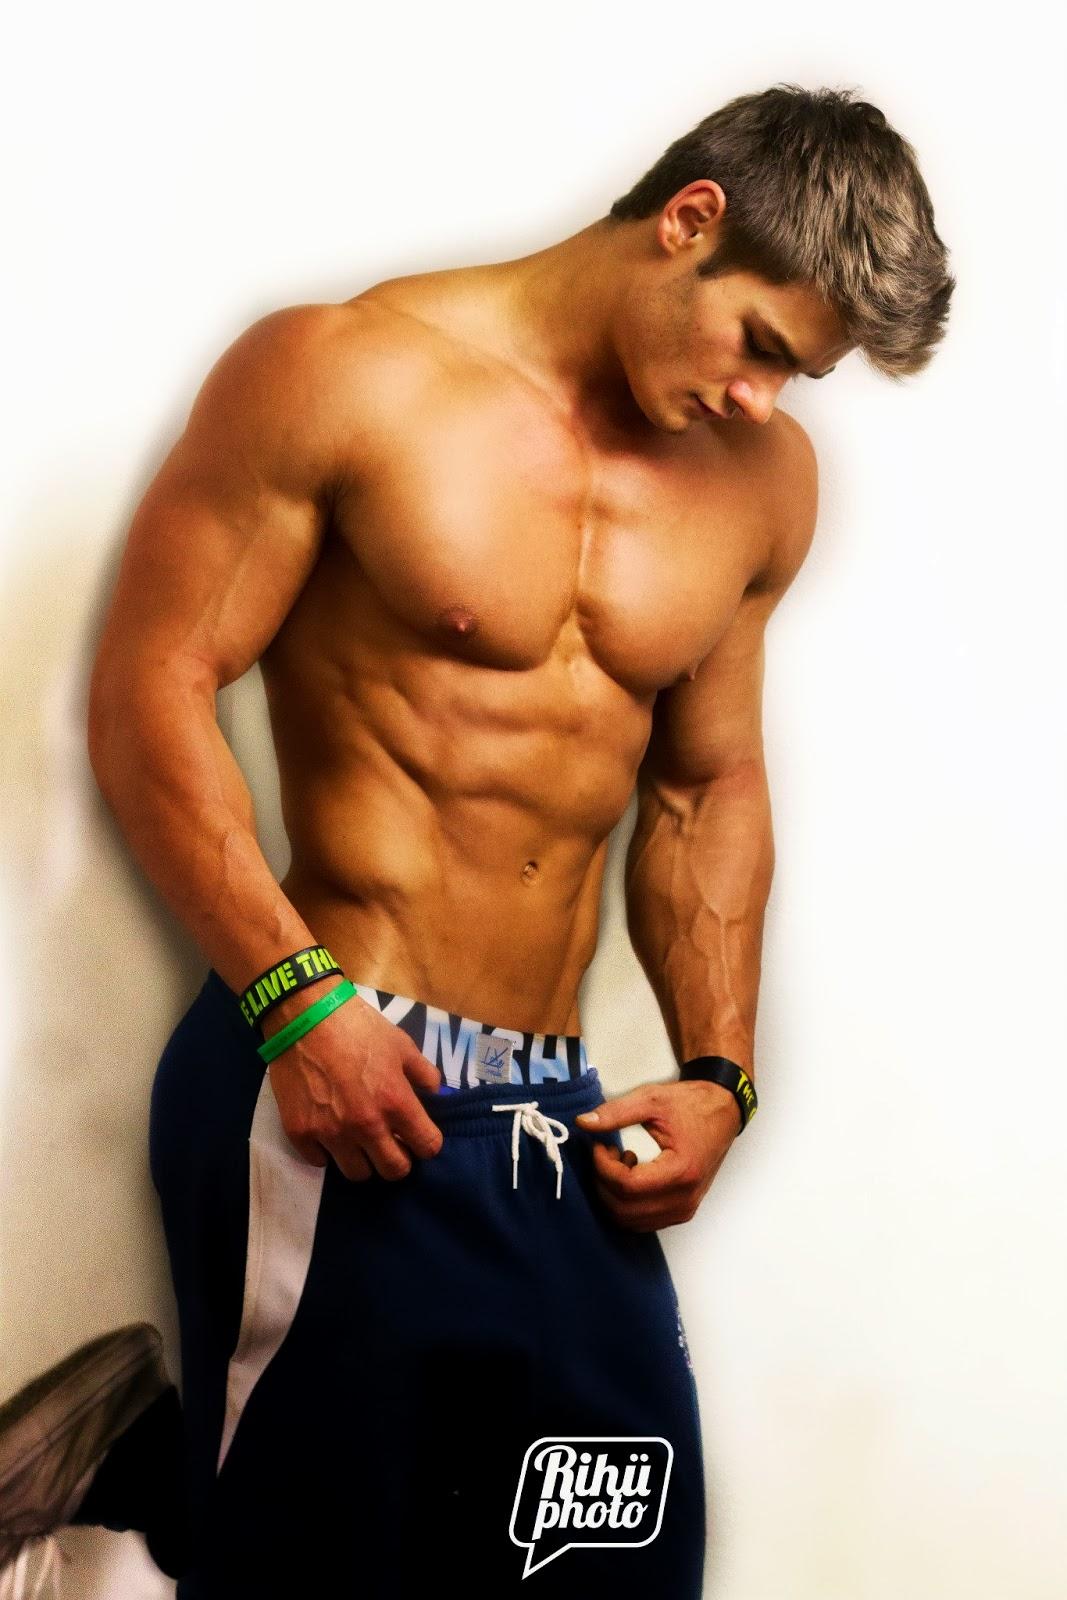 Jeff Seid - Jeff Seid 4 - Great Muscle Bodies - Train, be